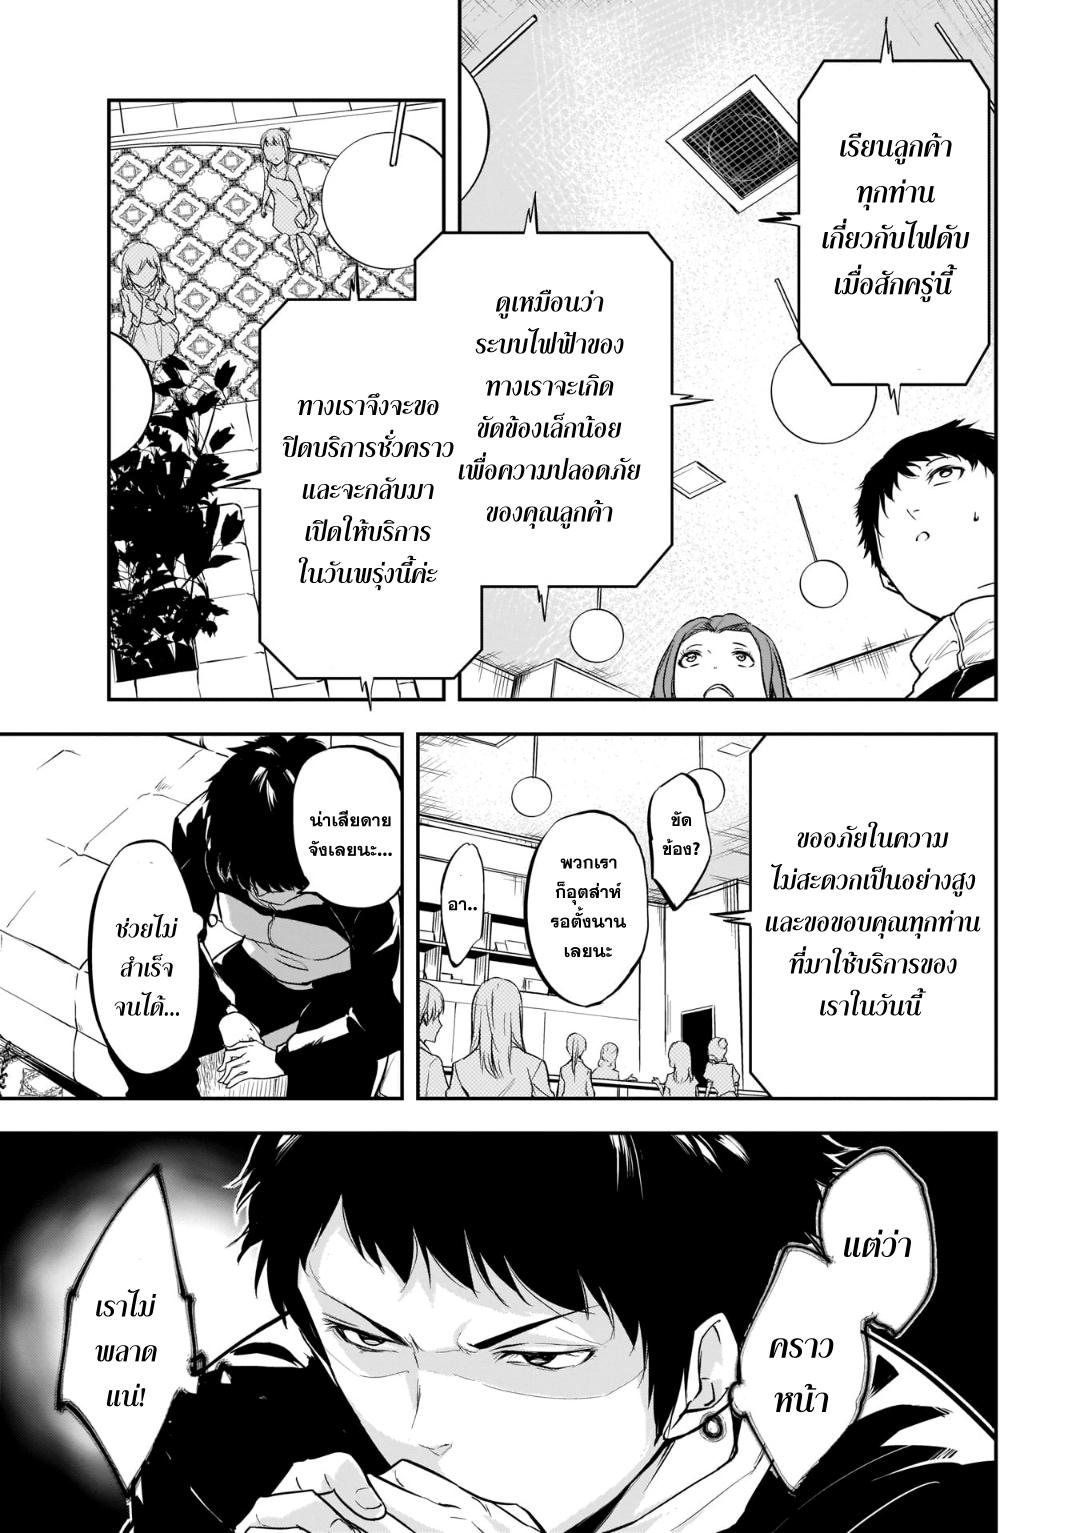 อ่านการ์ตูน Kanojo Gacha ตอนที่ 13 หน้าที่ 27